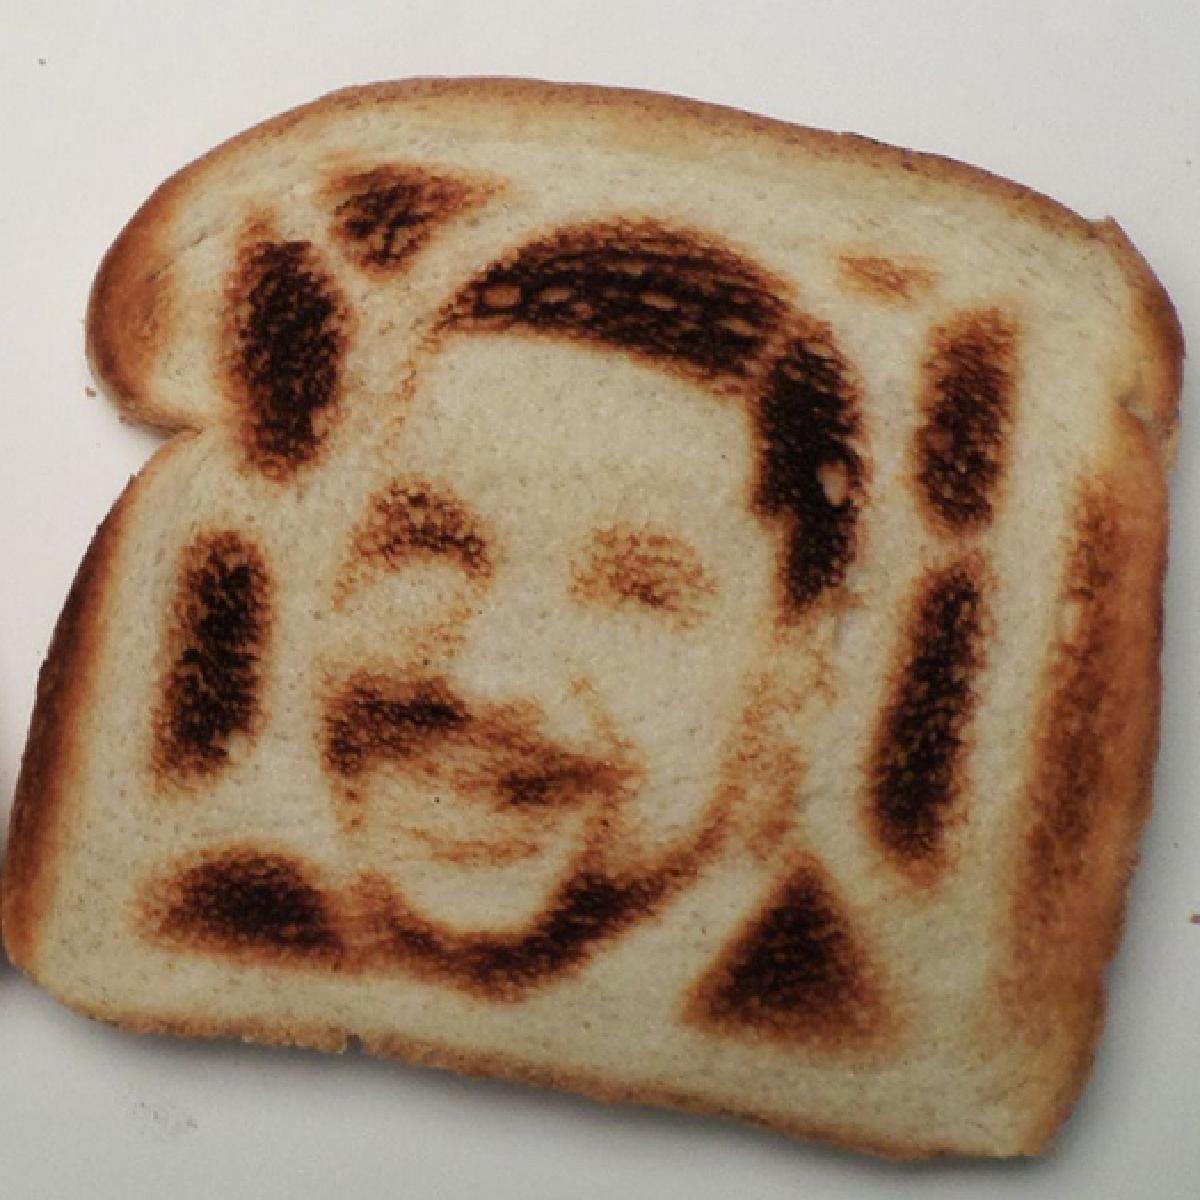 Une tranche de pain grillé avec un portrait dessus.